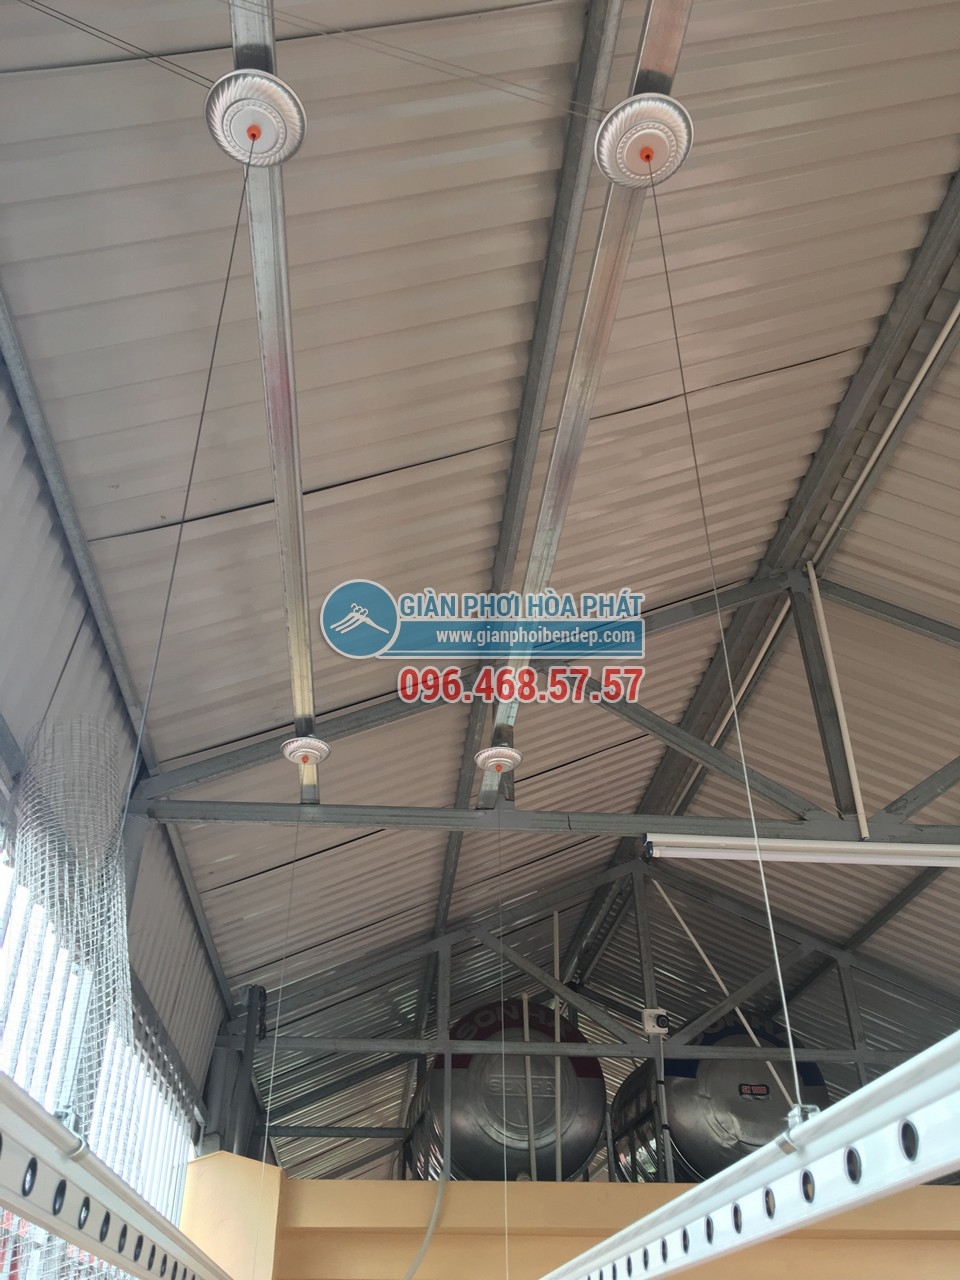 Hoàn thiện lắp đặt 2 bộ giàn phơi thông minh nhà chị Lam, ngõ 24 Kim Đồng - 04